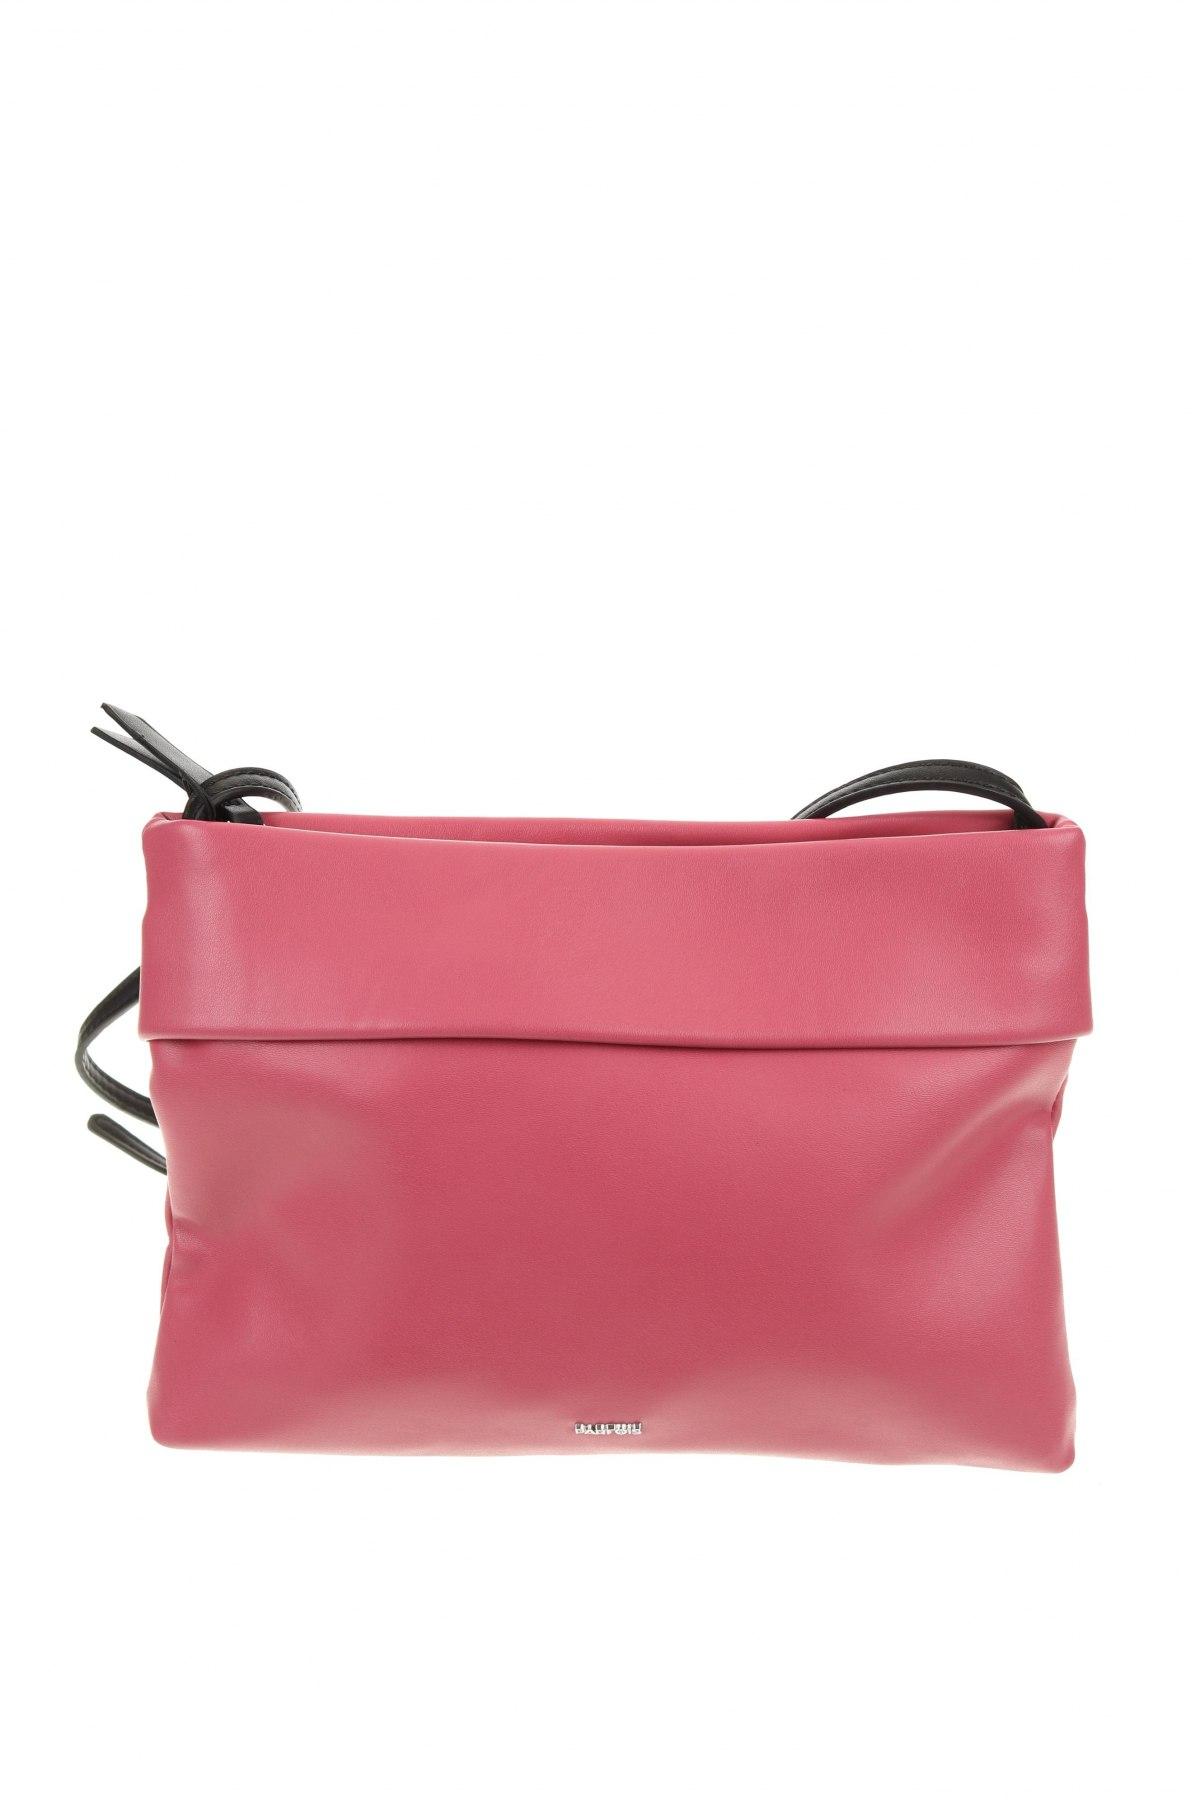 Γυναικεία τσάντα Parfois, Χρώμα Ρόζ , Δερματίνη, Τιμή 10,86€